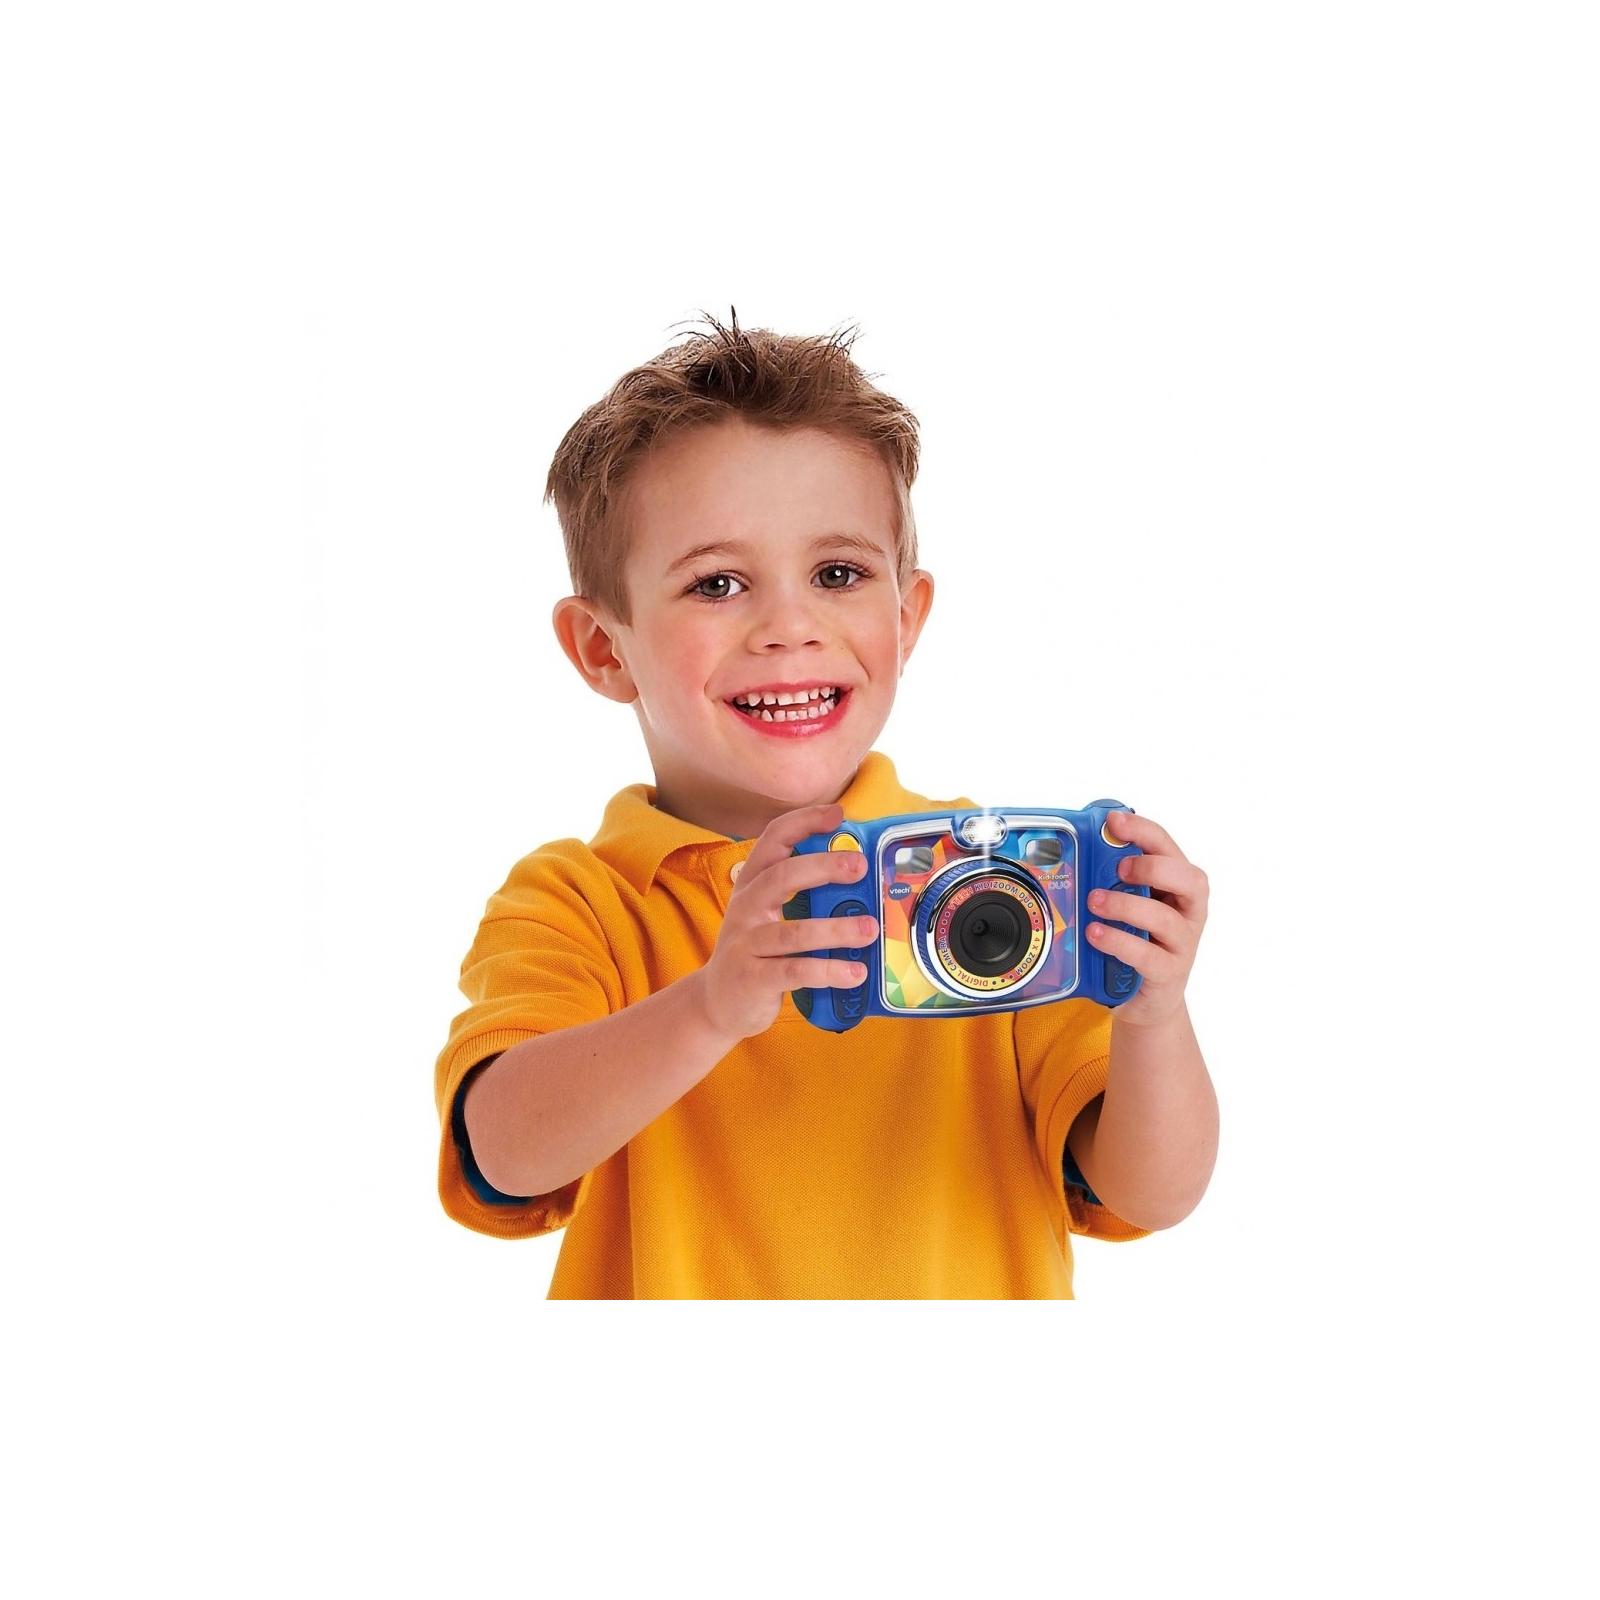 Интерактивная игрушка VTech Детская цифровая фотокамера Kidizoom Duo Blue (80-170803) изображение 4